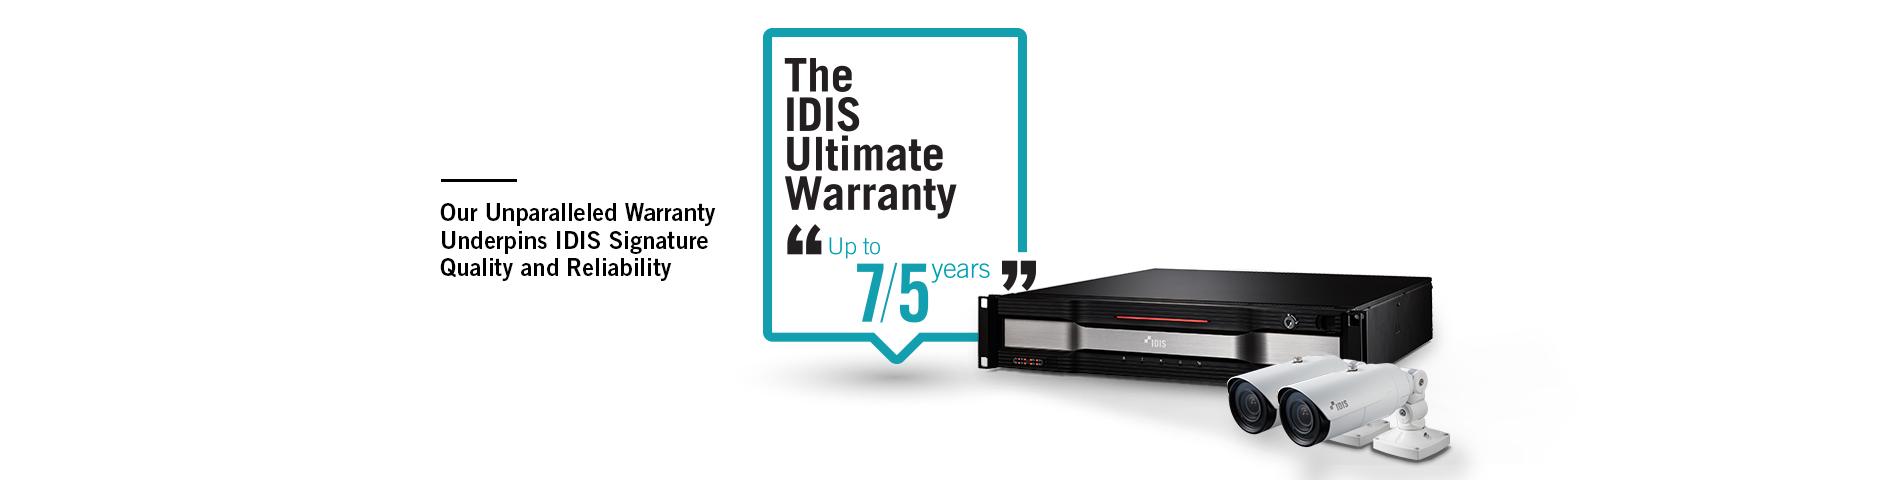 IDIS Ultimate Warranty